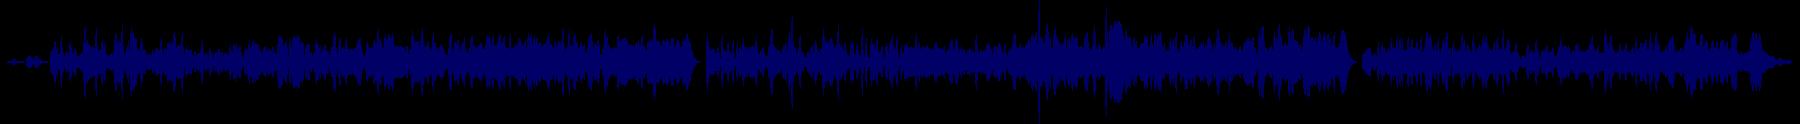 waveform of track #71199